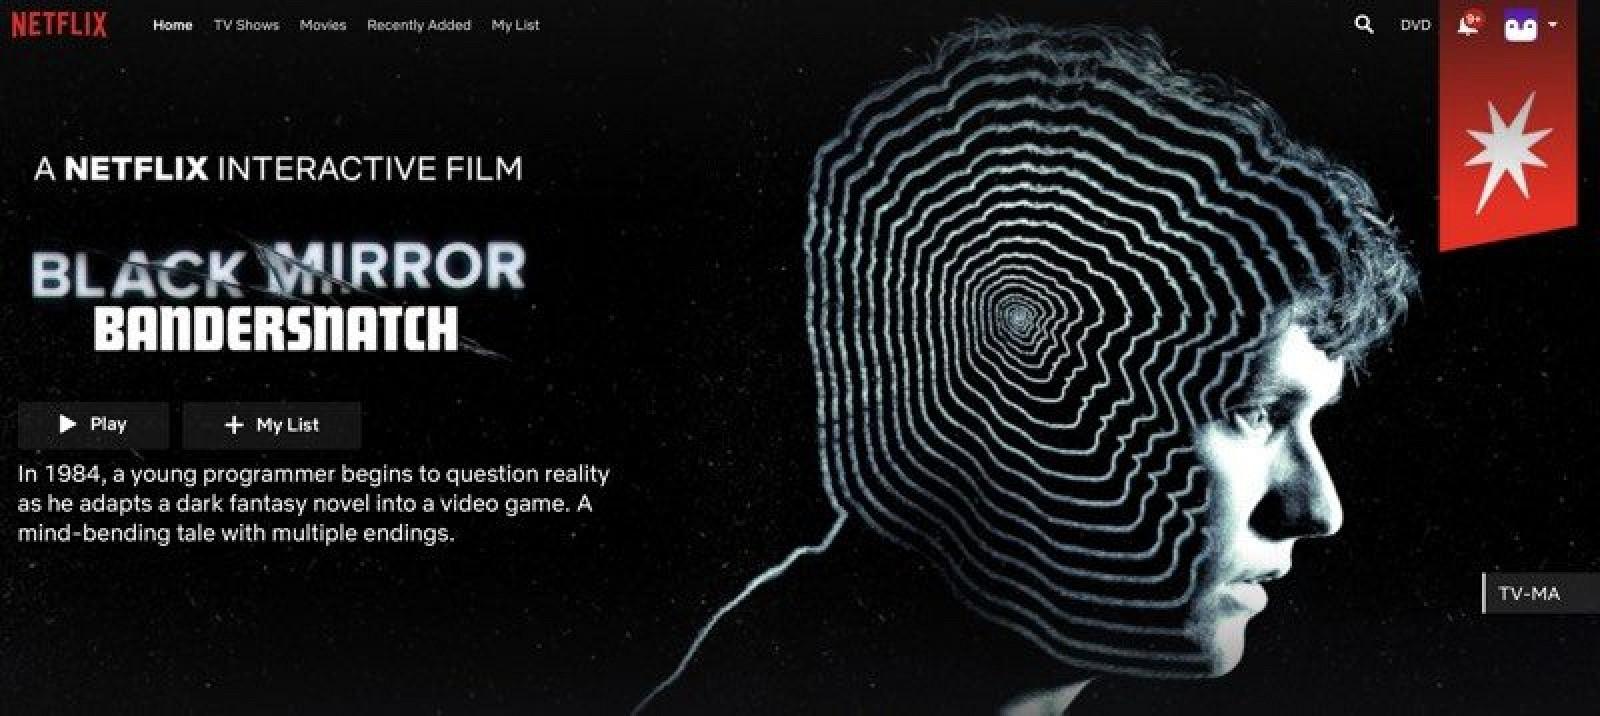 Black Mirror: Bandersnatch da Netflix inova com interatividade (Reprodução: Internet)